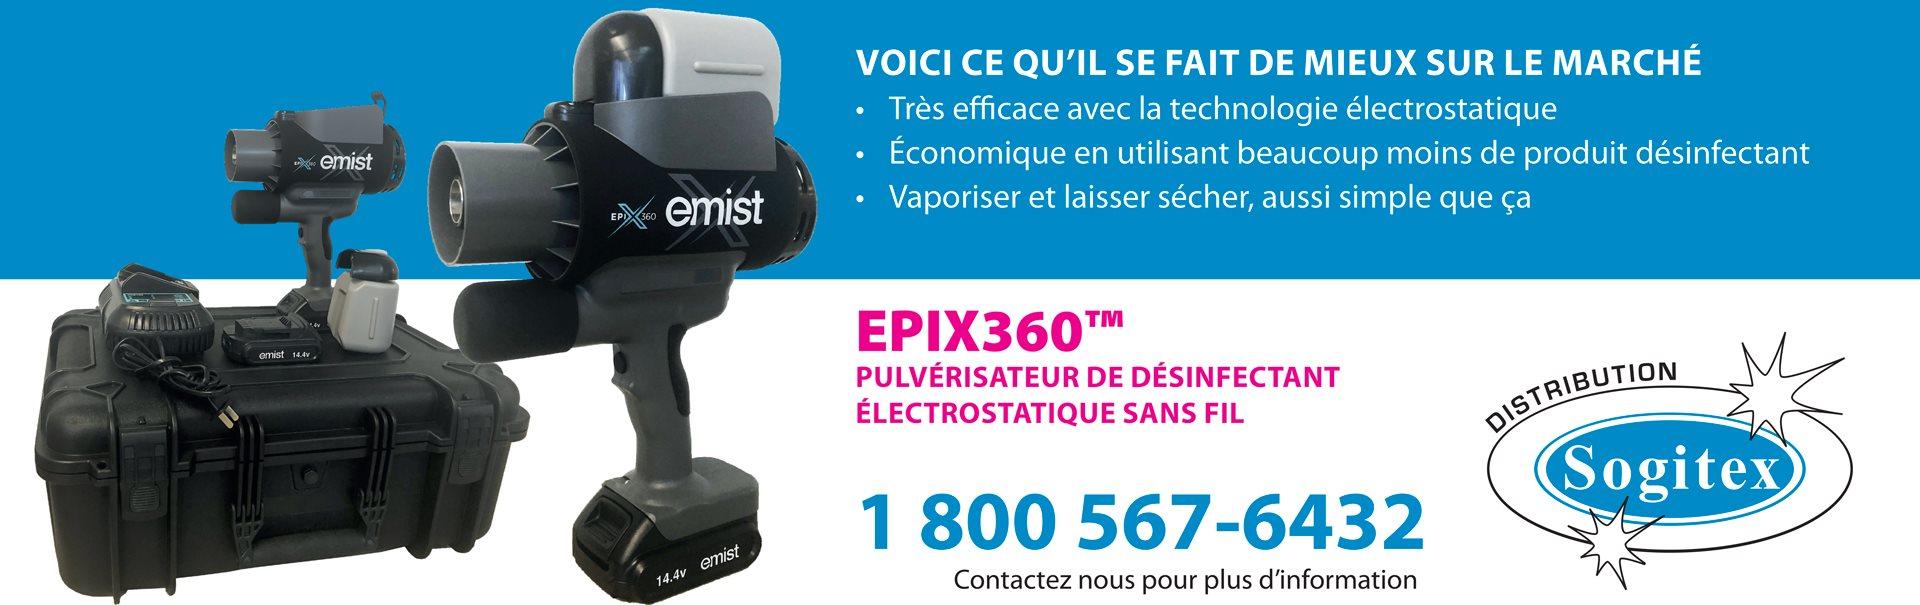 Epix_360_fr